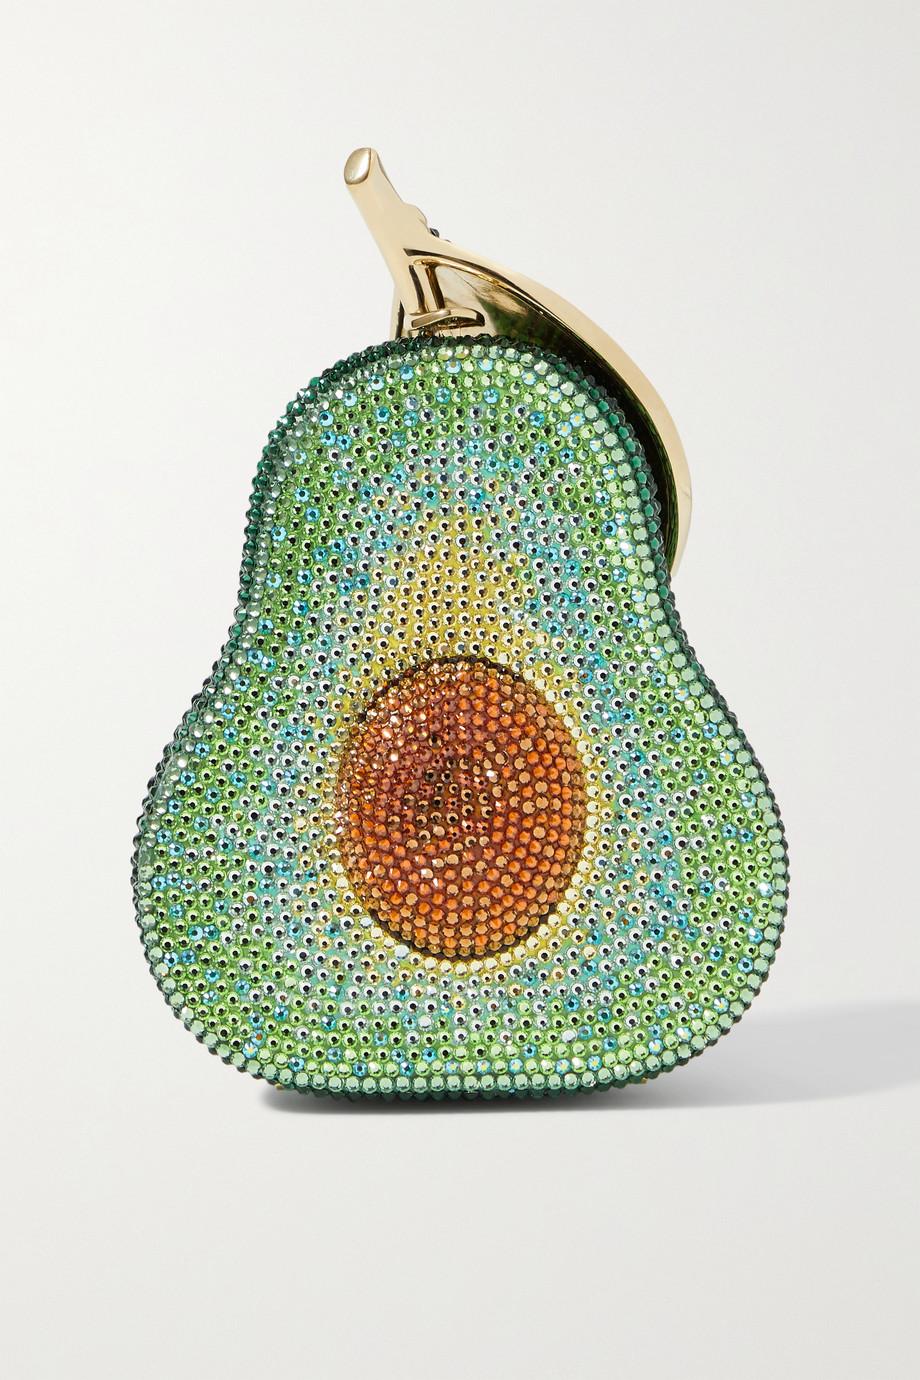 Judith Leiber Couture Avocado goldfarbene Clutch mit Kristallen